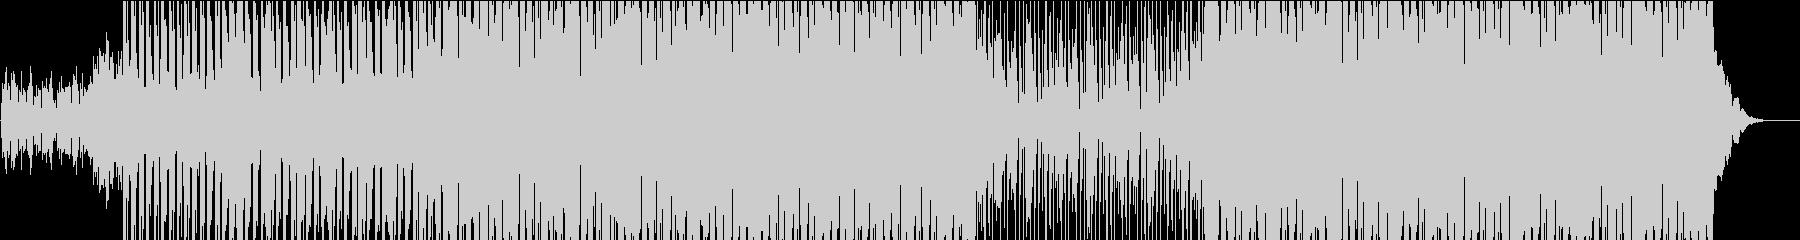 浮遊感あるメロのハウスの未再生の波形